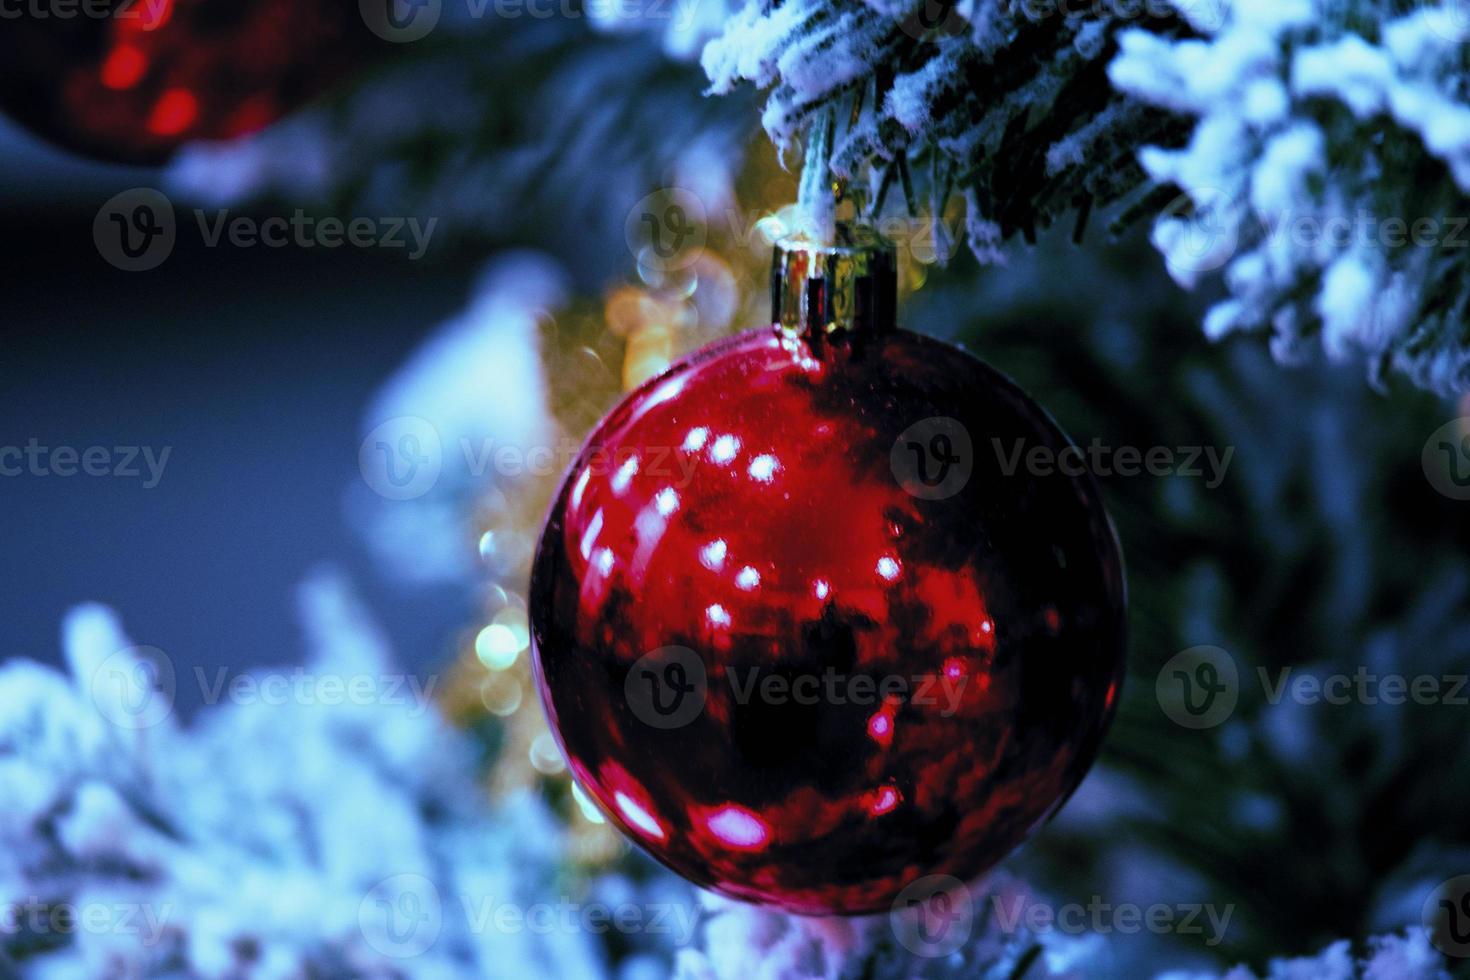 rote Kugel auf Weihnachtsbaum. Frohe Weihnachten und alles Gute foto